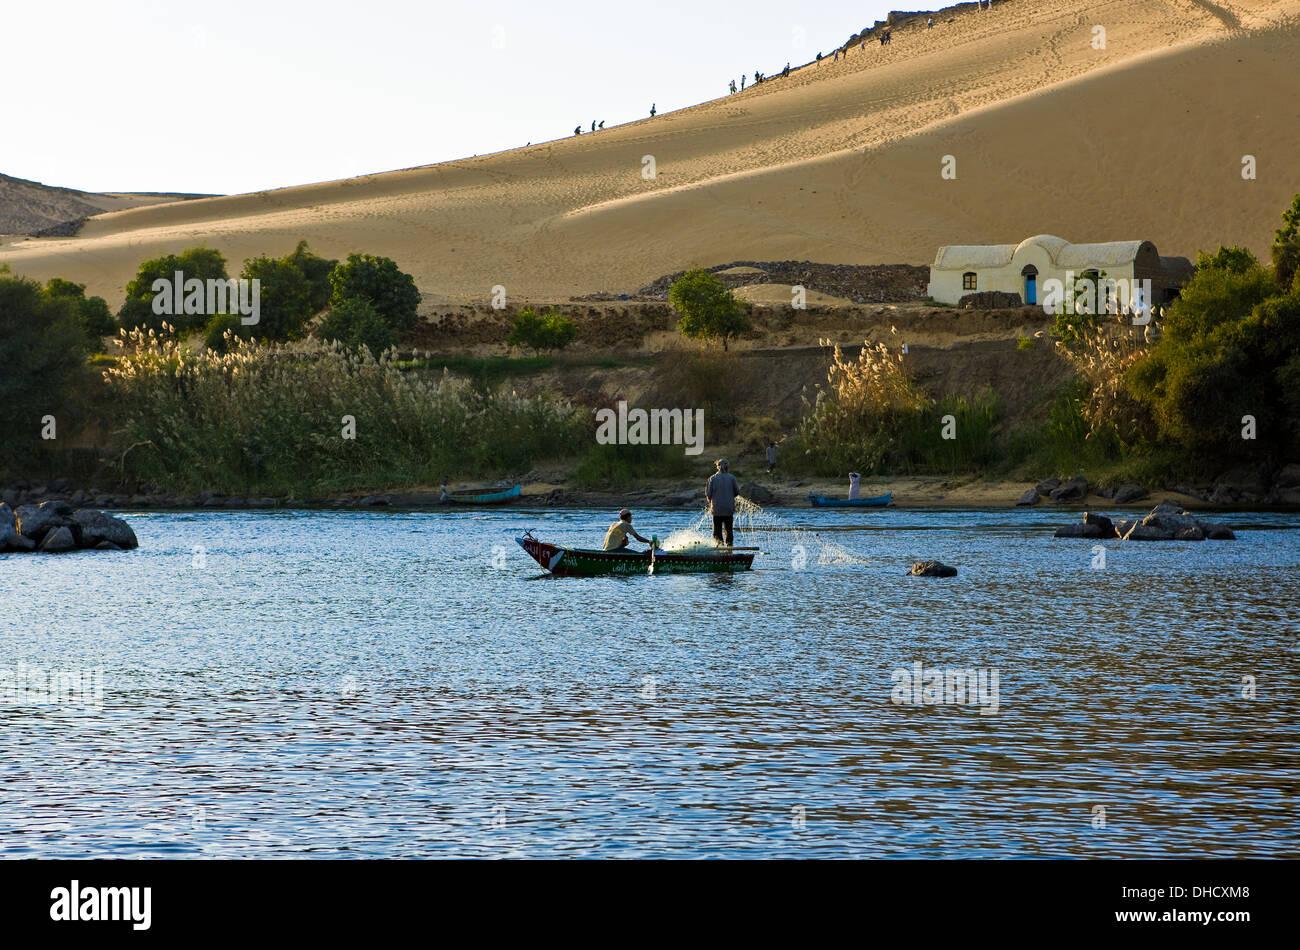 Africa Egypt, Aswan,fishermen on the Nile river - Stock Image